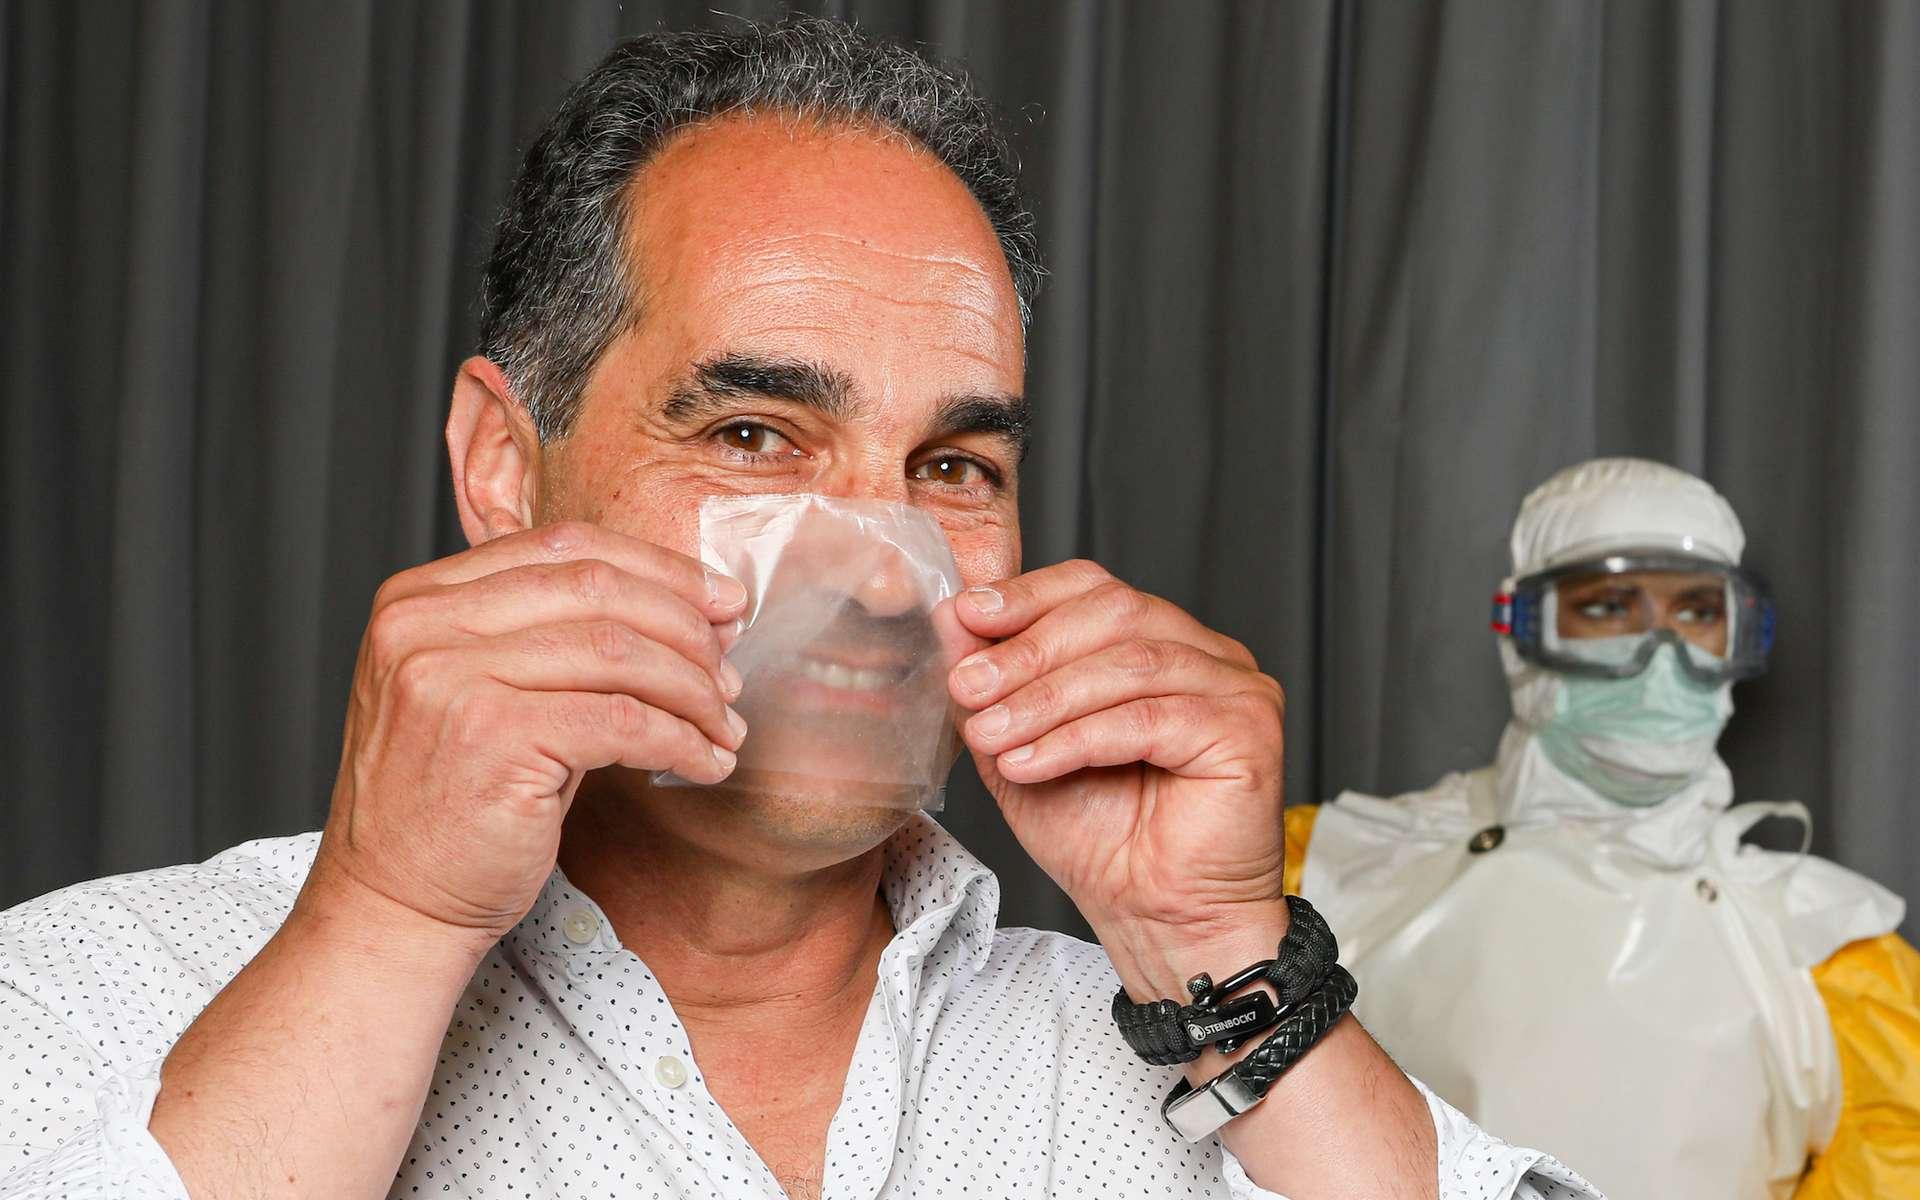 Thierry Pelet, futur directeur de la start-up suisse HMCARE à l'origine d'un masque chirurgical transparent. © Alain Herzog, EPFL